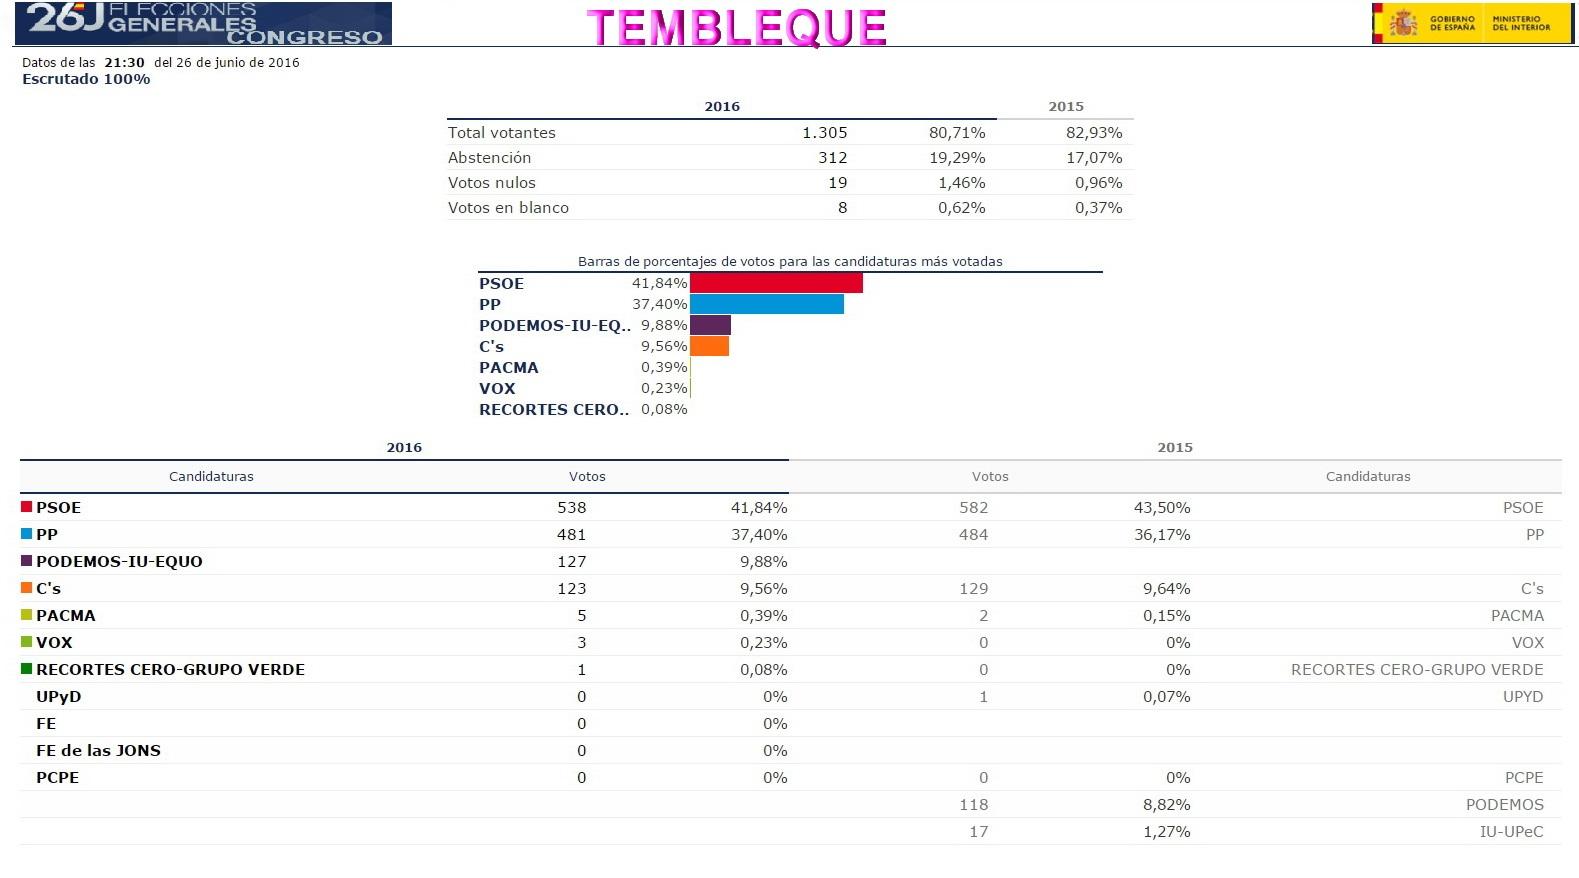 Todo tembleque resultados de las elecciones generales del for Ministerio de interior resultados electorales